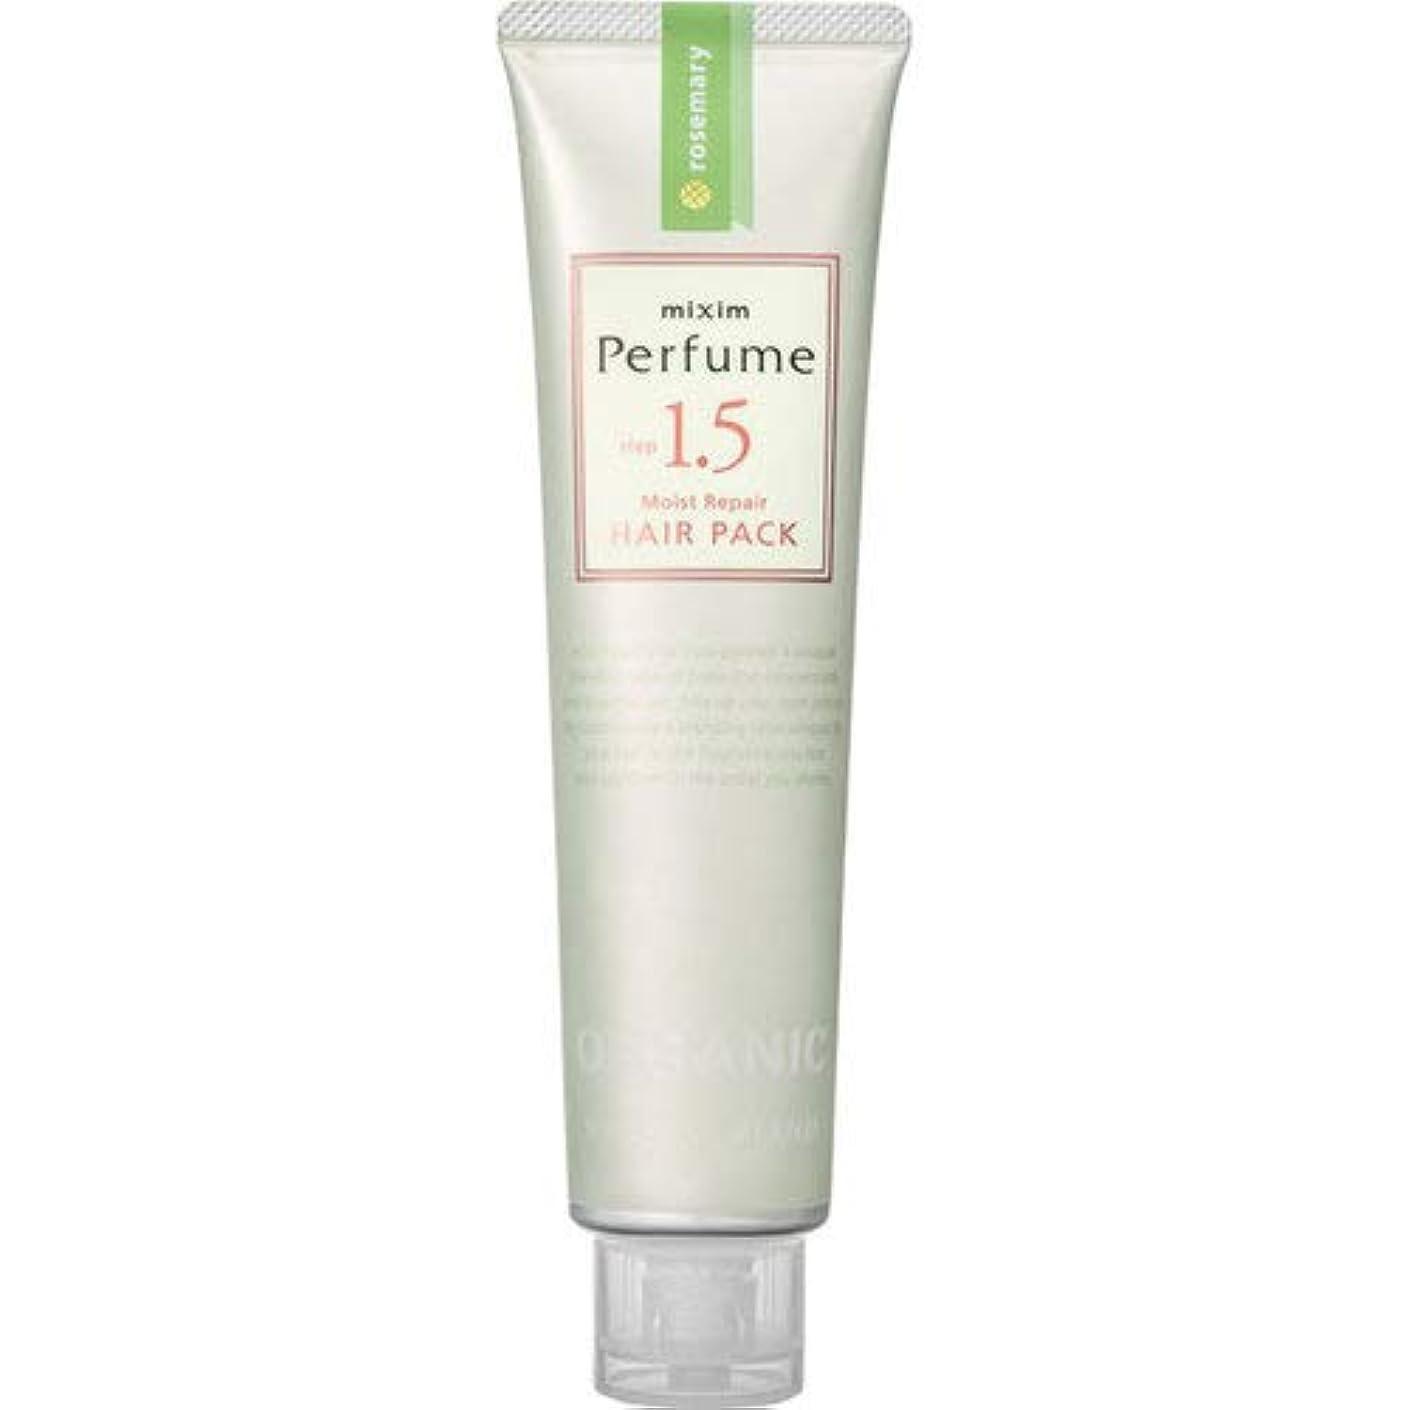 乱れトレーニング不実mixim Perfume(ミクシムパフューム) モイストリペア ヘアパック 130g